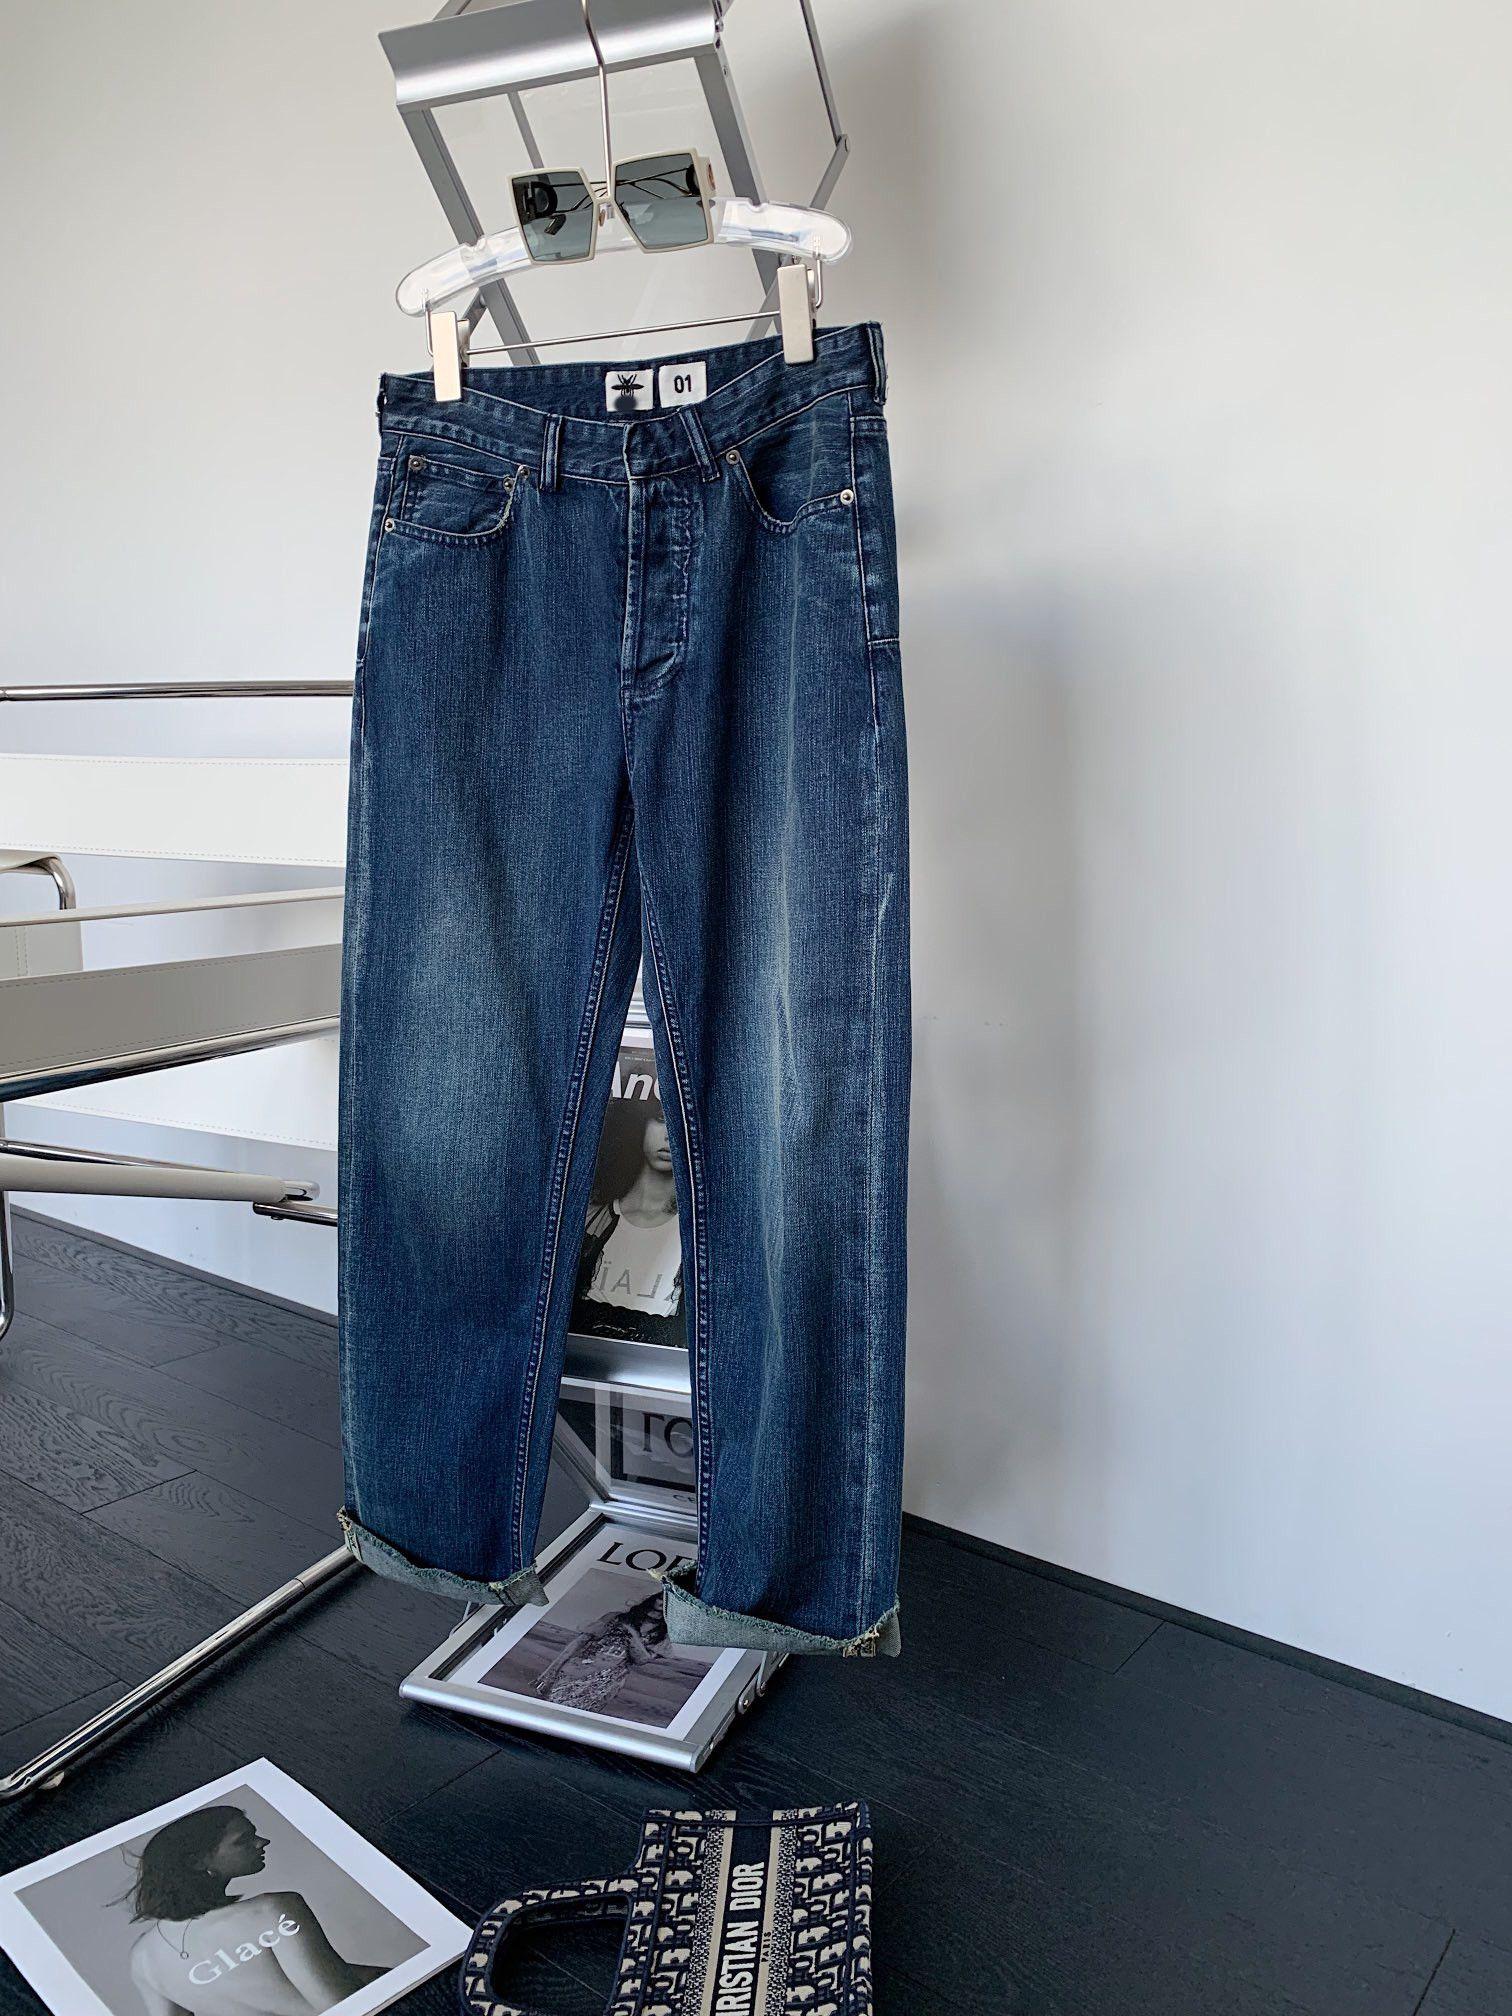 Milan Pist Jeans 2021 Yaz Sonbahar Mavi Moda Tasarımcısı Düz Marka Aynı Stil Lüks Bayan Giyim 0619-3